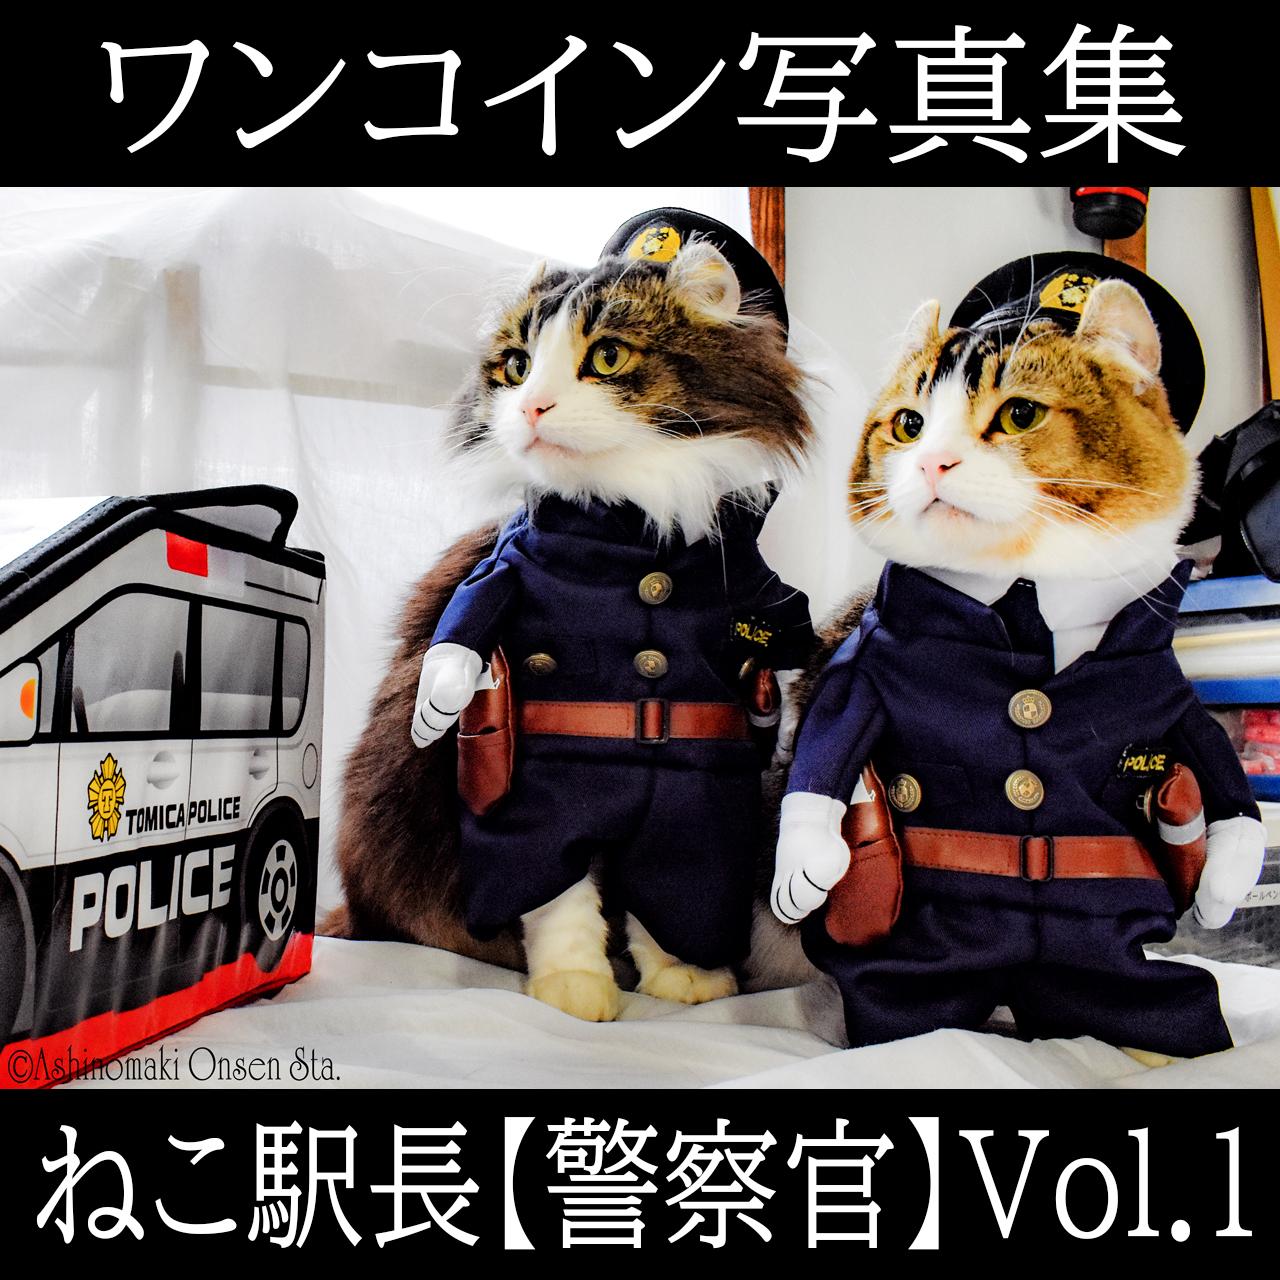 ねこ駅長 ワンコイン写真集【警察官】Vol.1